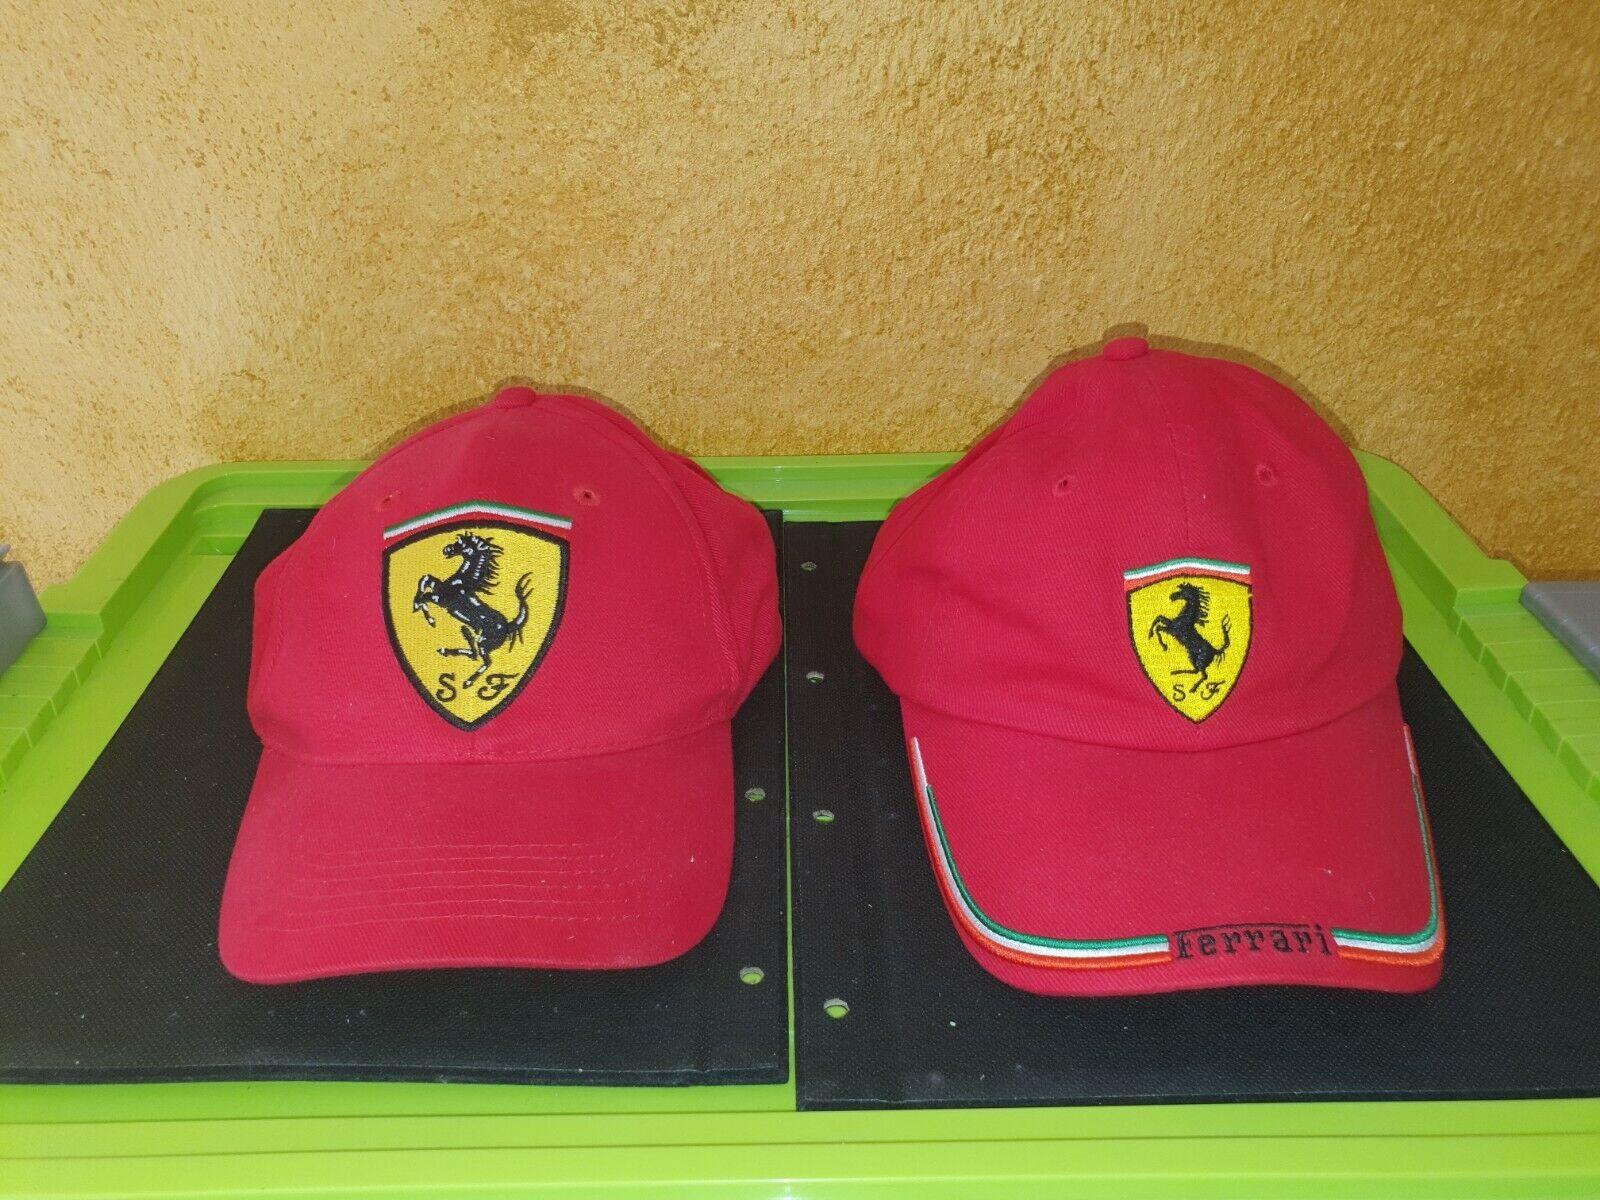 2 Ferrari base cap vintage aus meine Sammlung sehr gute zustand neu nie getragen